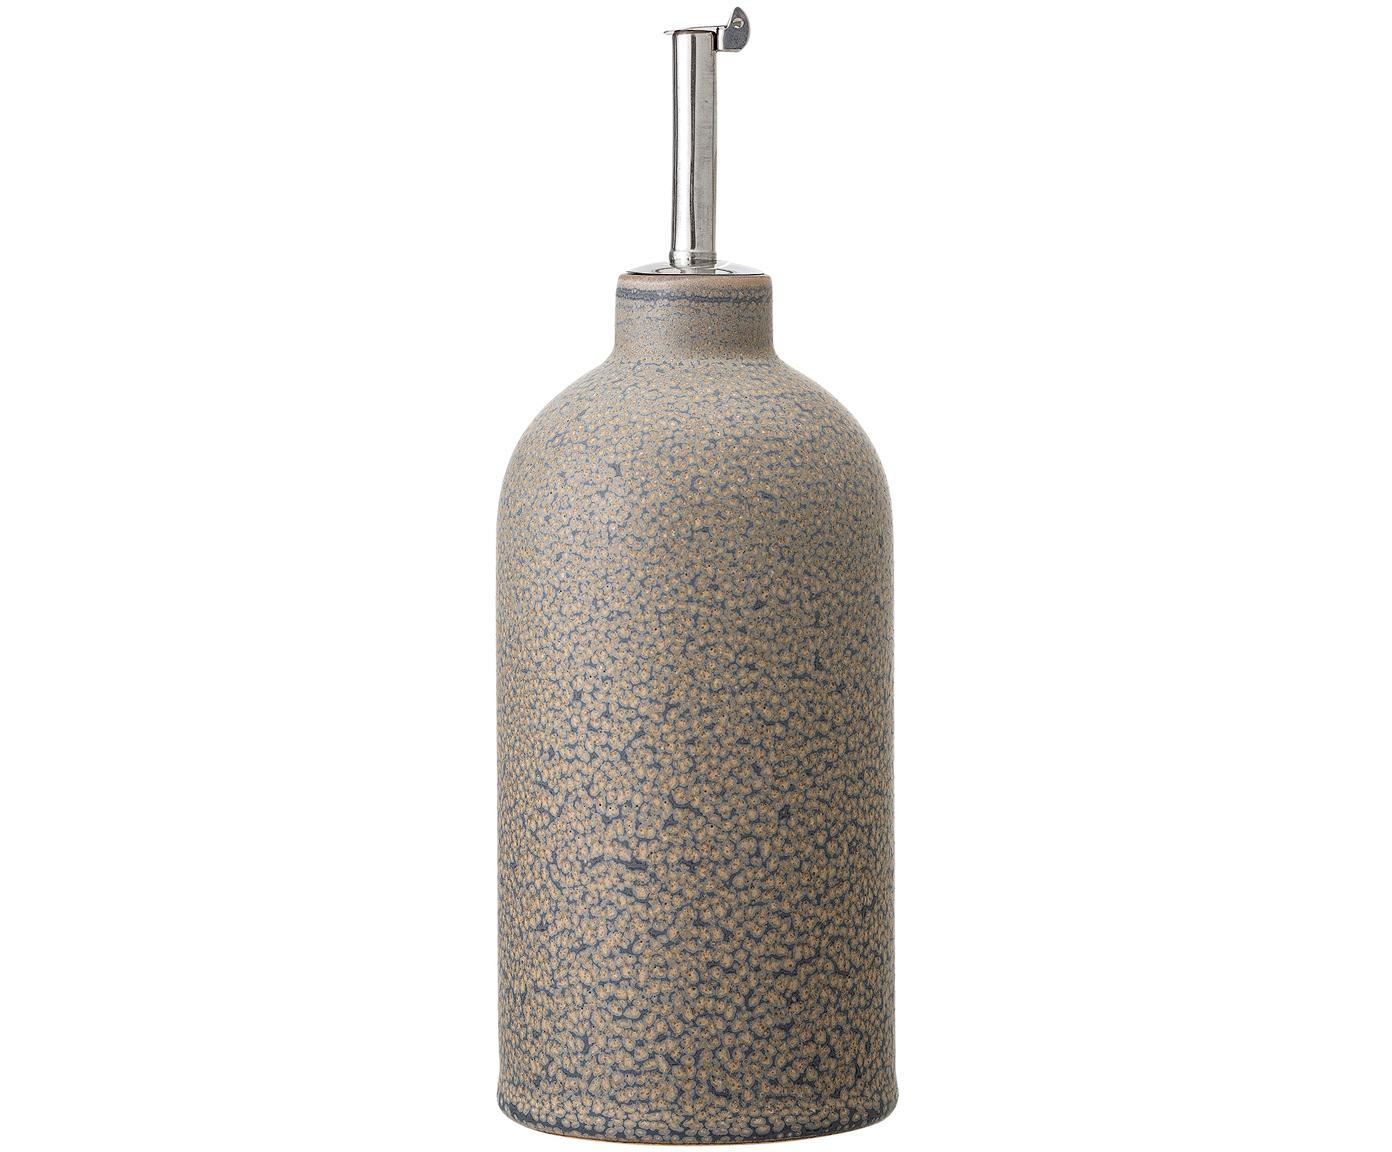 Handgemaakte azijn- en olie-dispenser Kendra, Keramiek, edelstaal, Grijsbeige, Ø 8 x H 20 cm